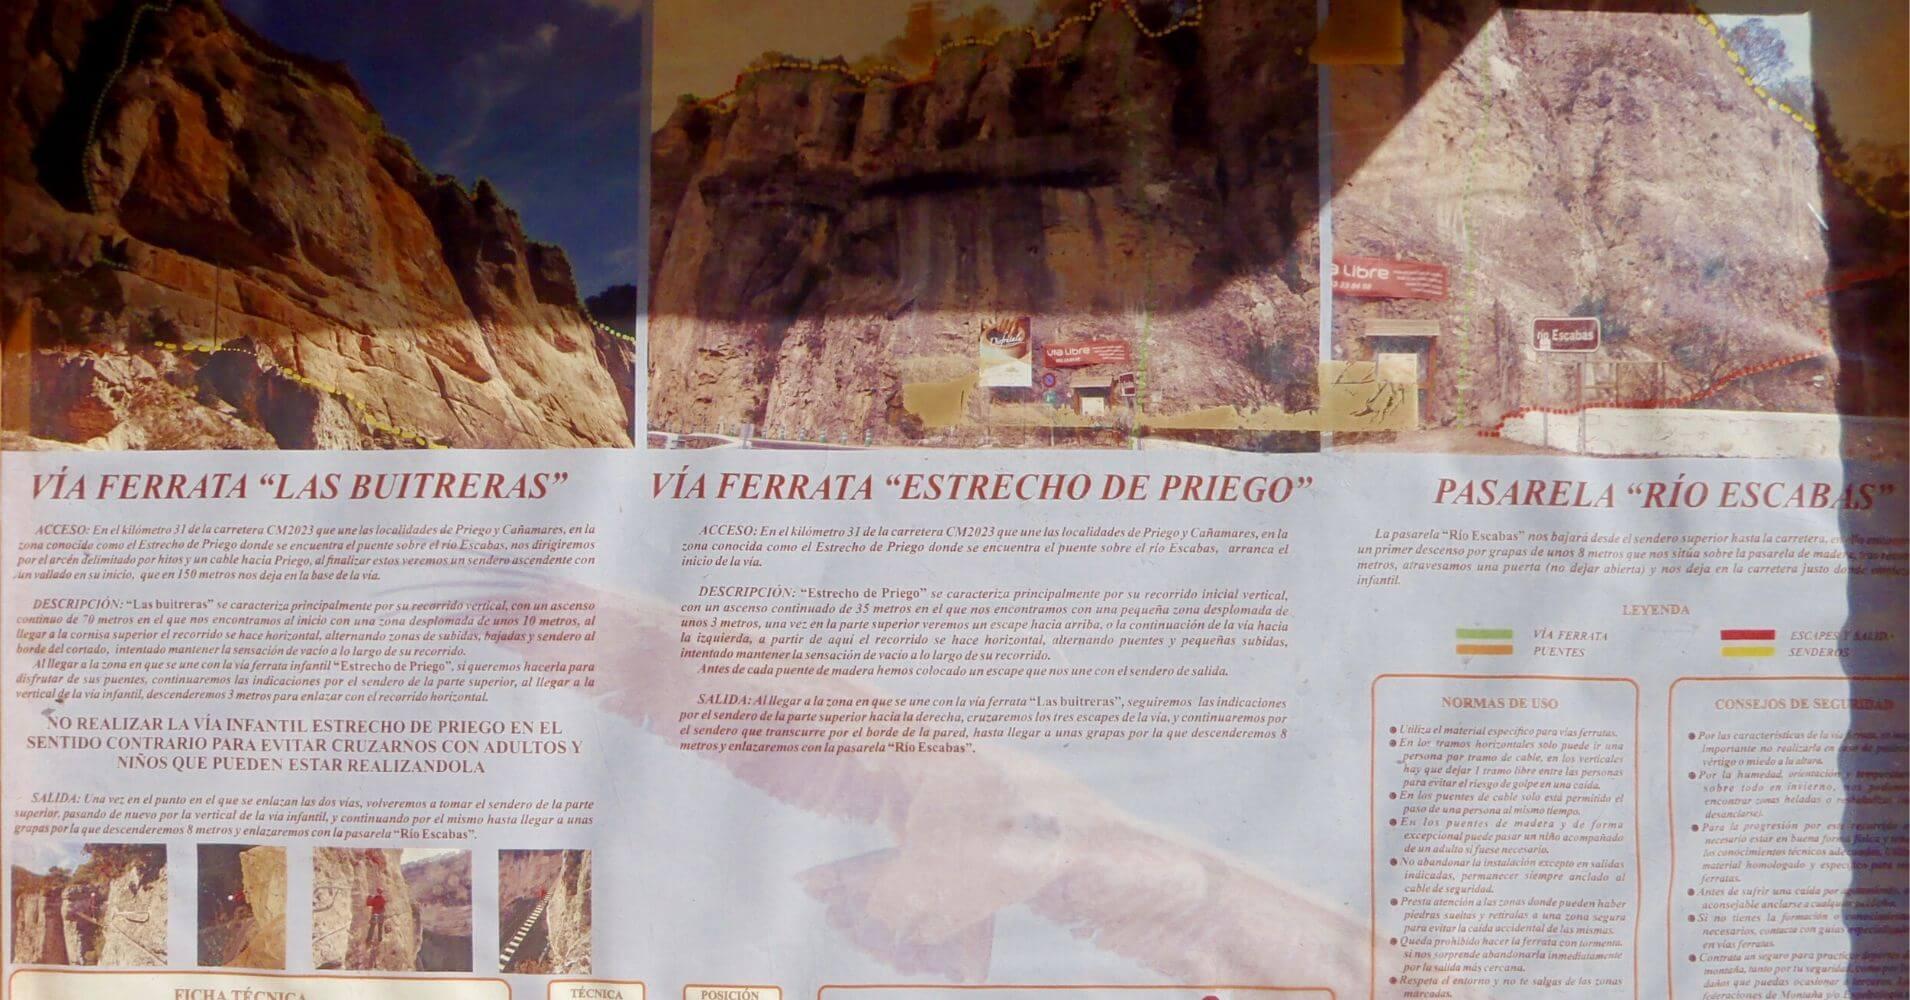 Panel de Información de las Ferratas del Estrecho de Priego. Cuenca, Castilla la Mancha.